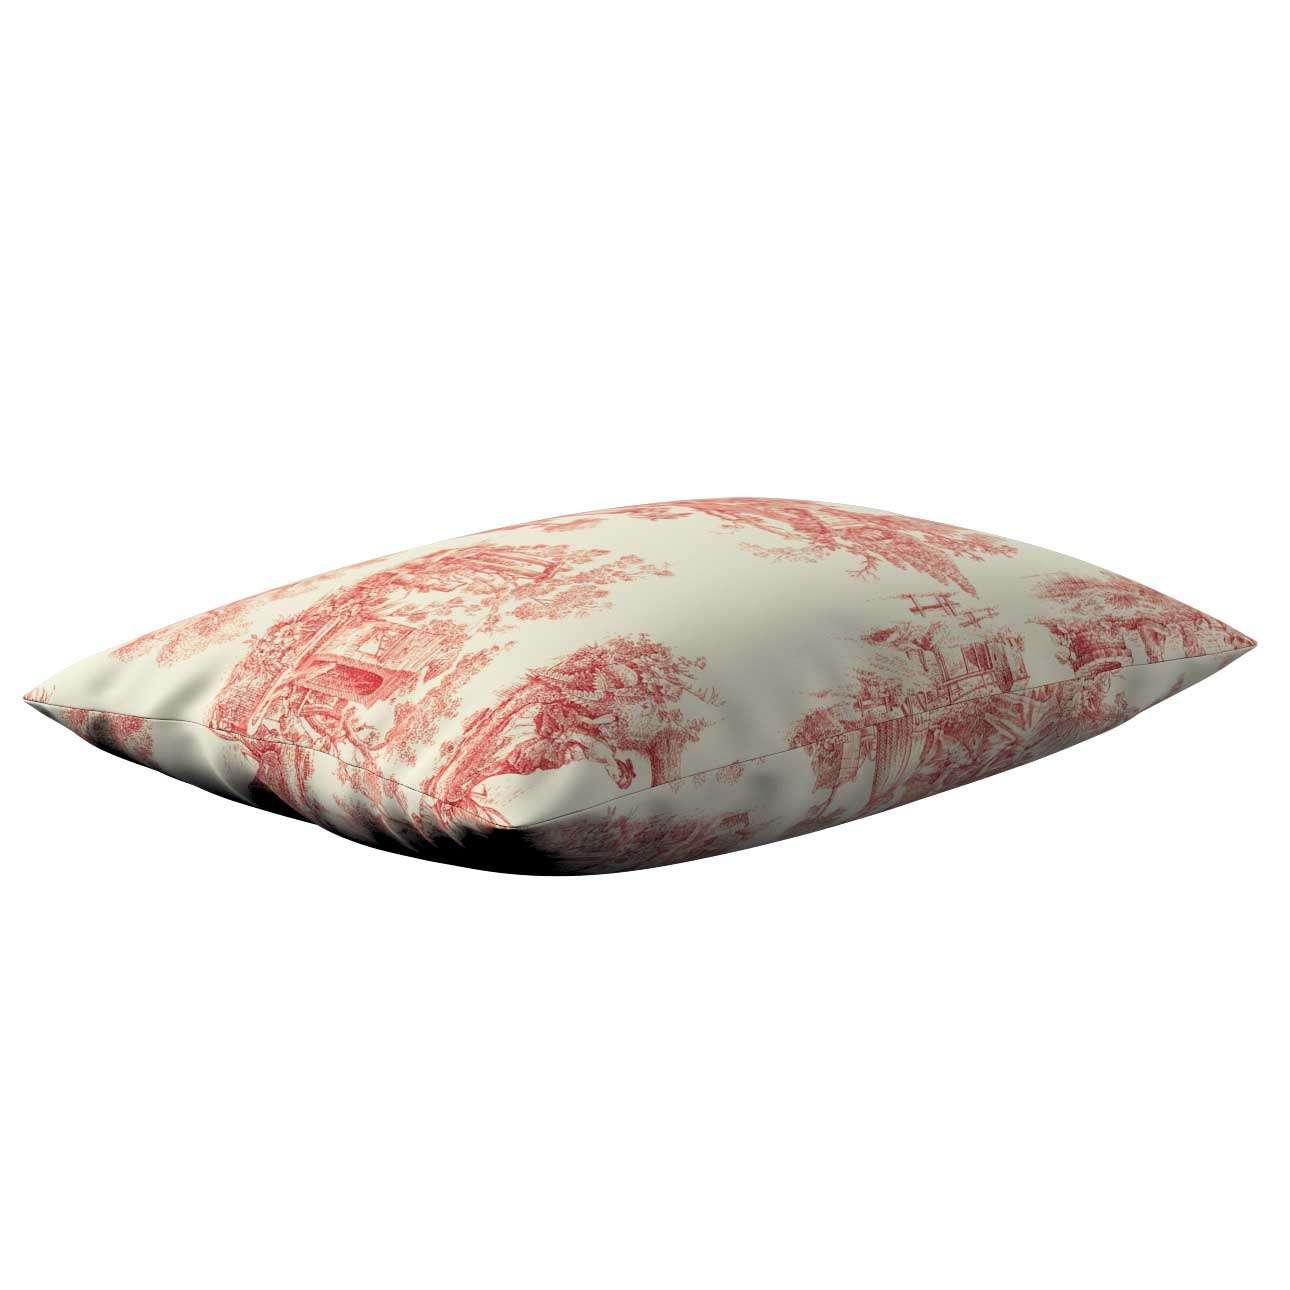 Kinga dekoratyvinės pagalvėlės užvalkalas 60x40cm 60x40cm kolekcijoje Avinon, audinys: 132-15